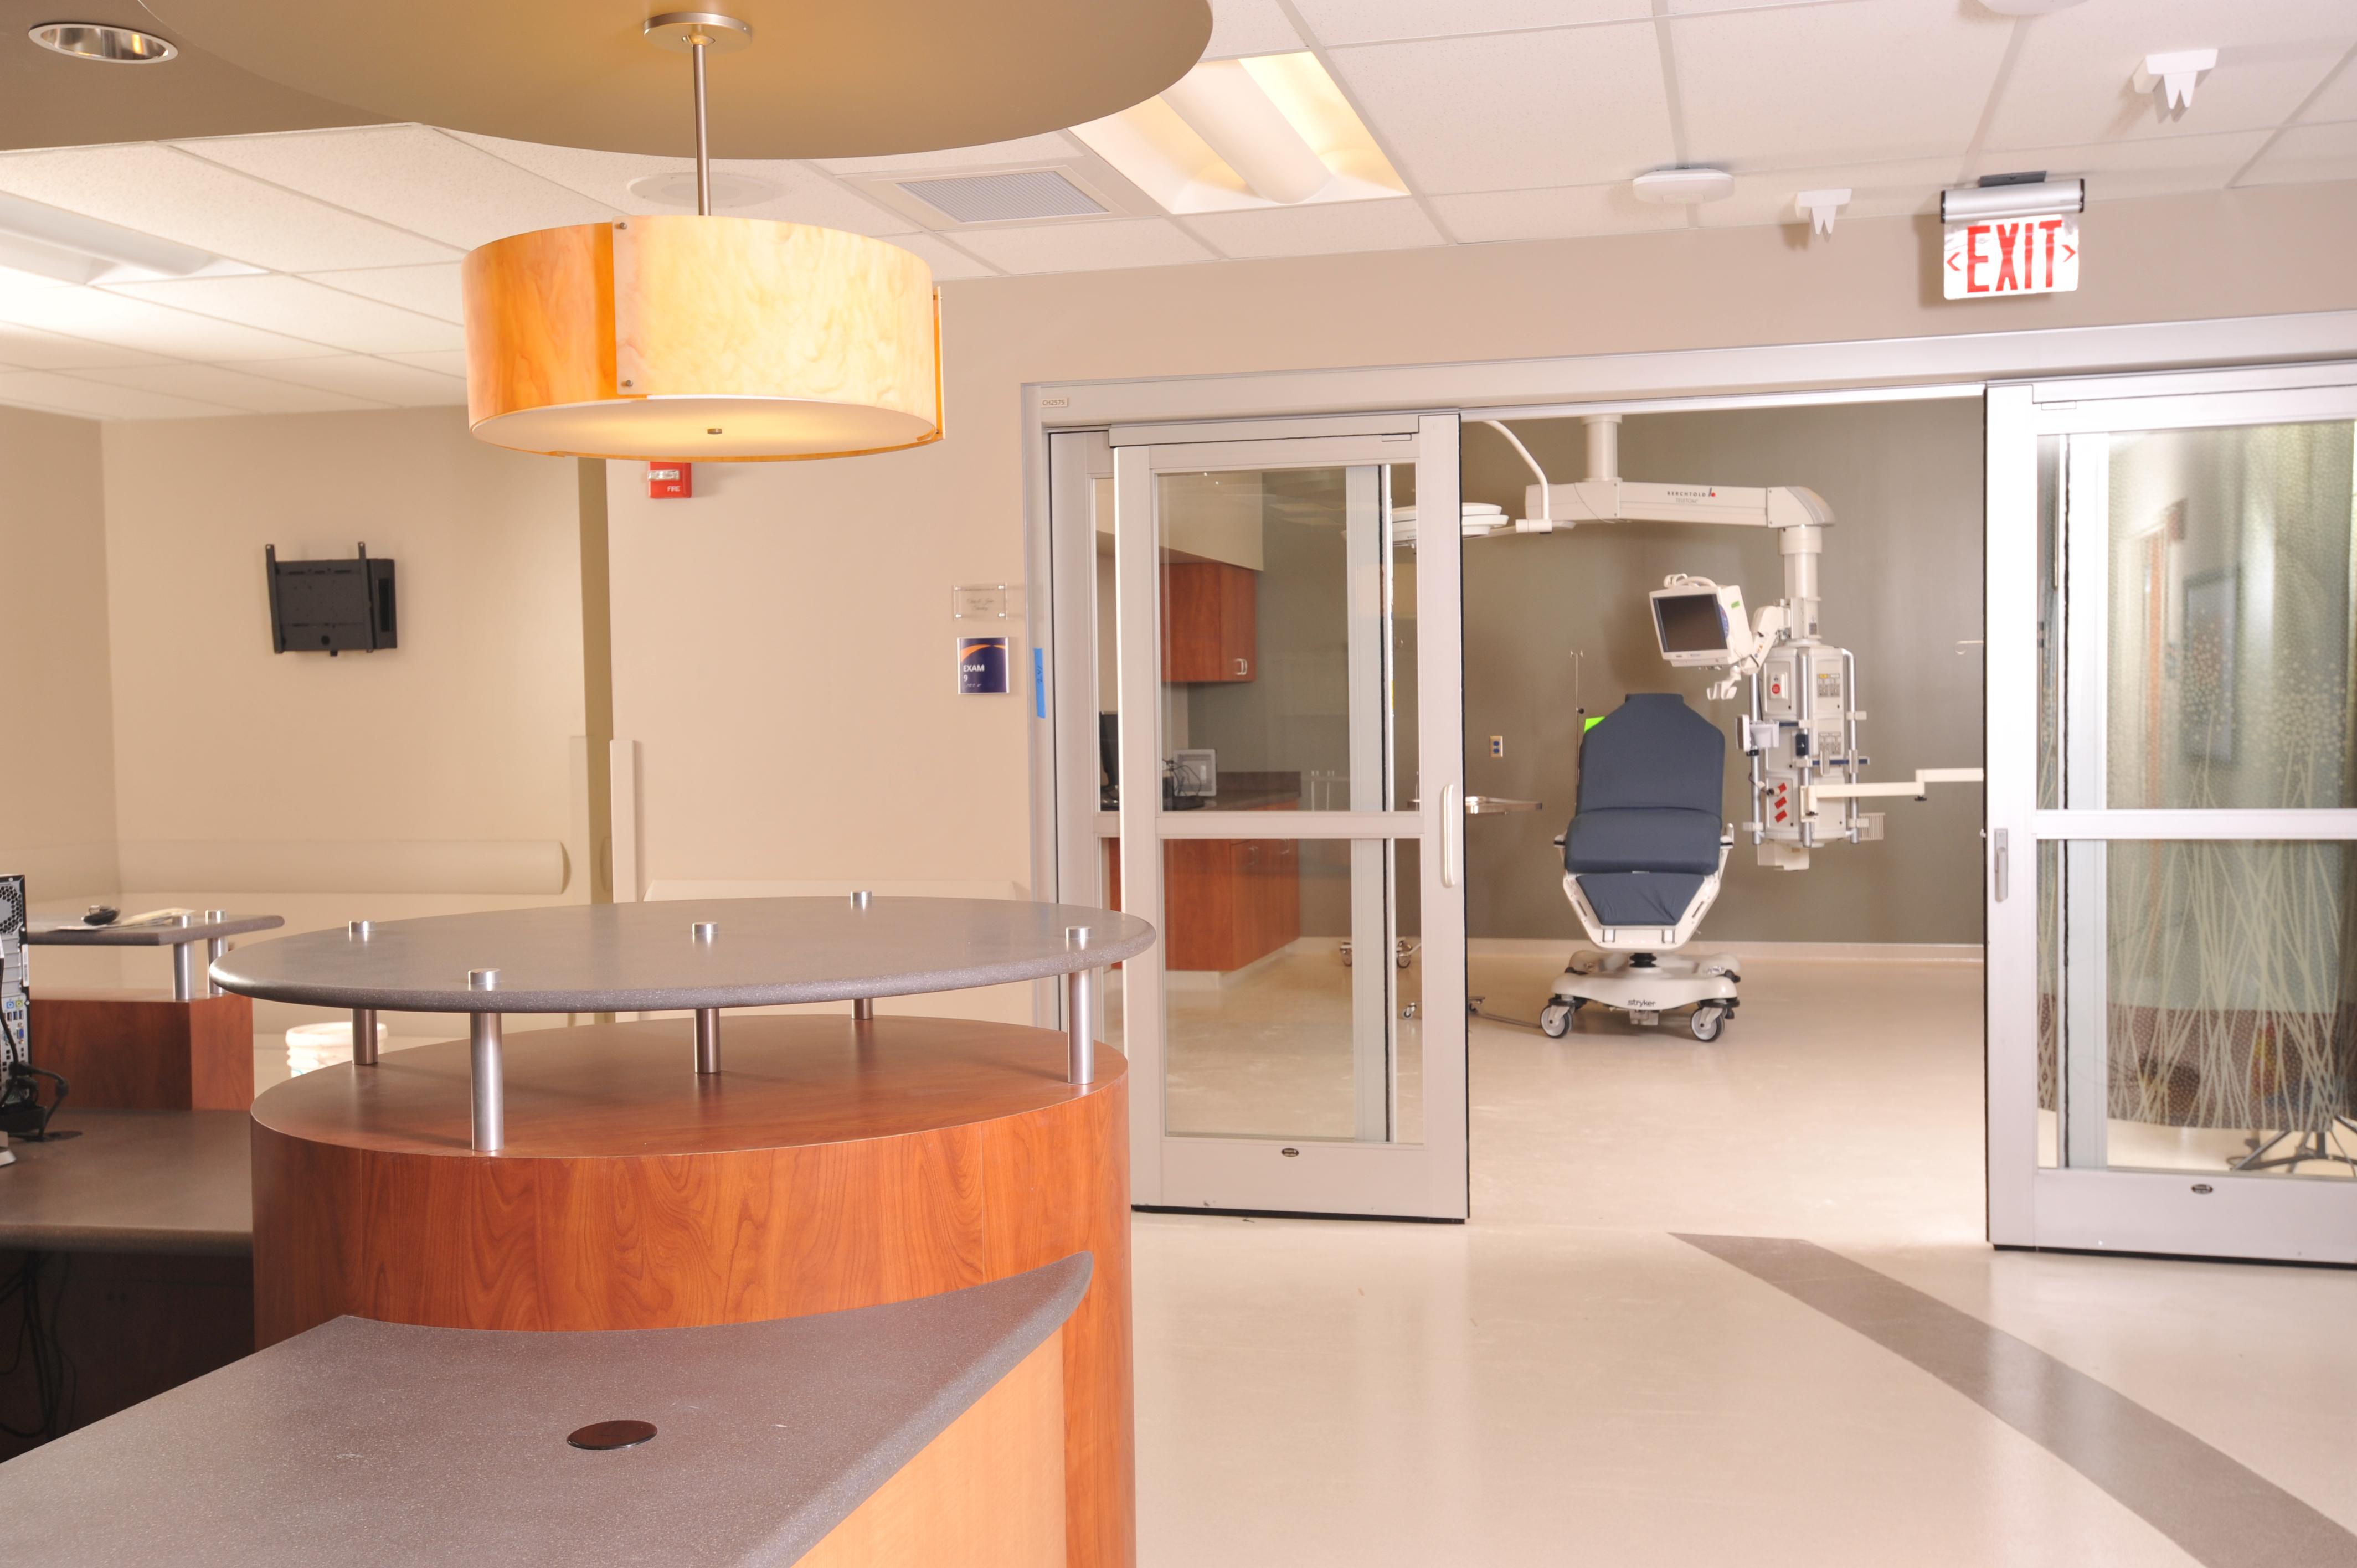 Guthrie Corning Hospital image 3